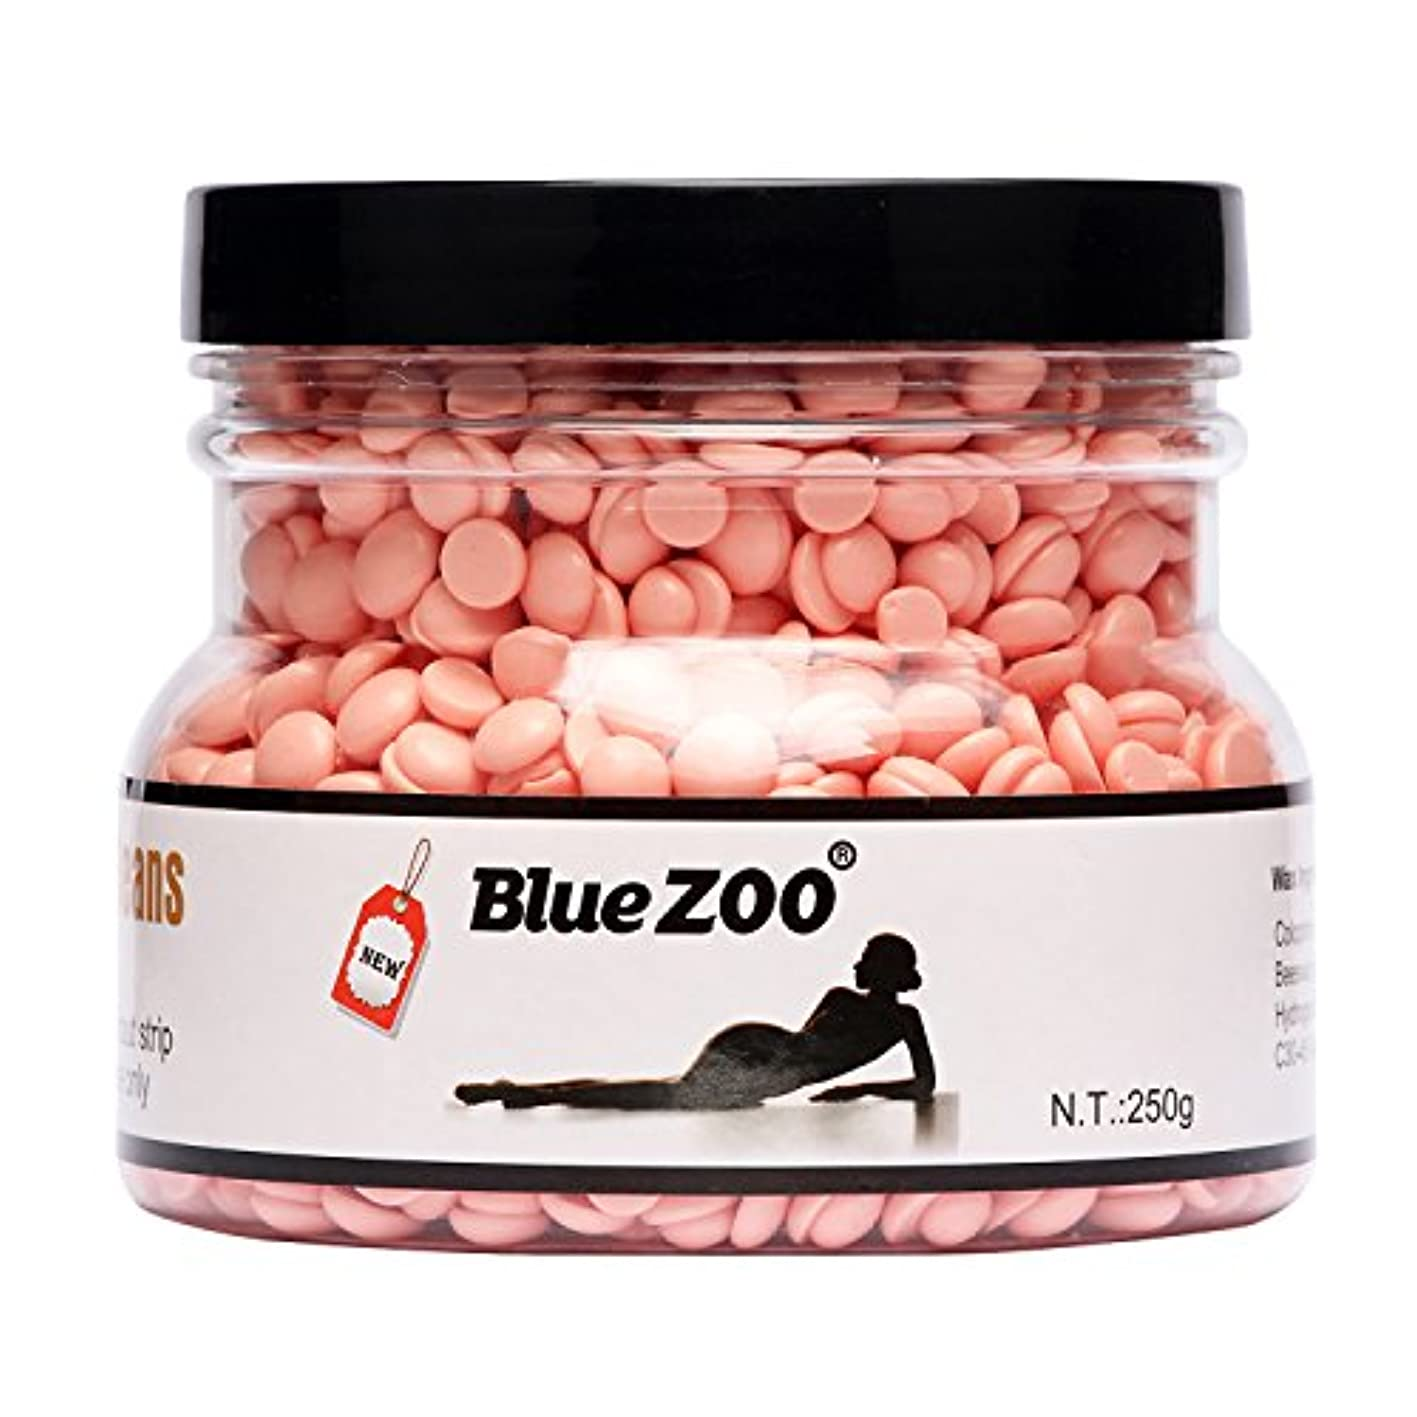 アクティビティスチュワード重くするゴシレ [Gosear] 250g 脱毛堅い熱いワックスの豆の毛の取り外しのワックスの穀物の餌の無痛は脱毛ペーパーのための必要性を刺激しなかったばら色の味